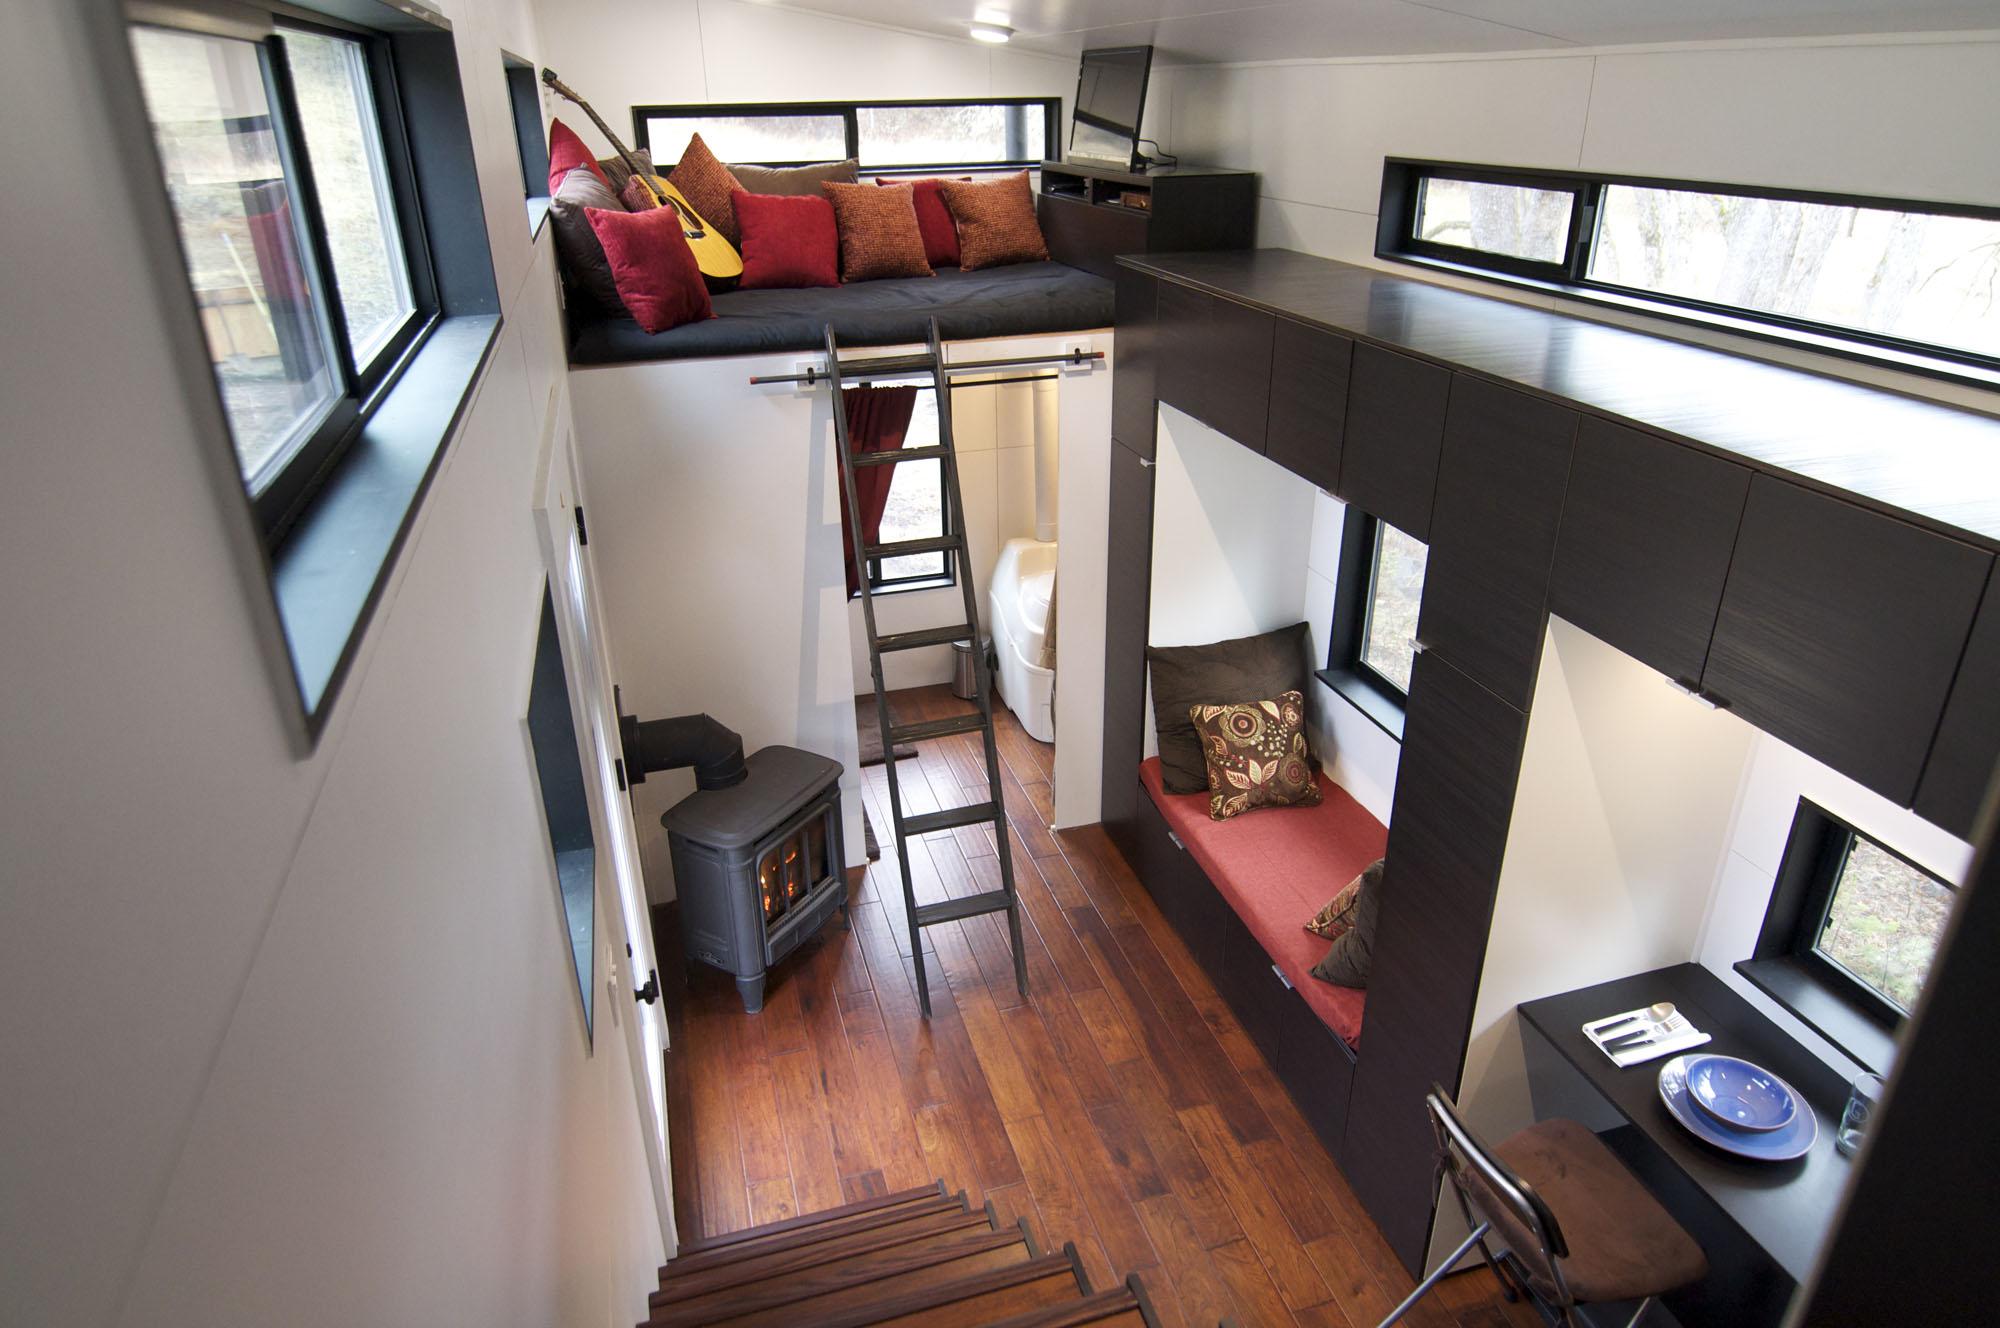 Wonderlijk Duurzaam huis bouwen en inrichten voor 25.000 euro - Lifestylelady.nl HS-04